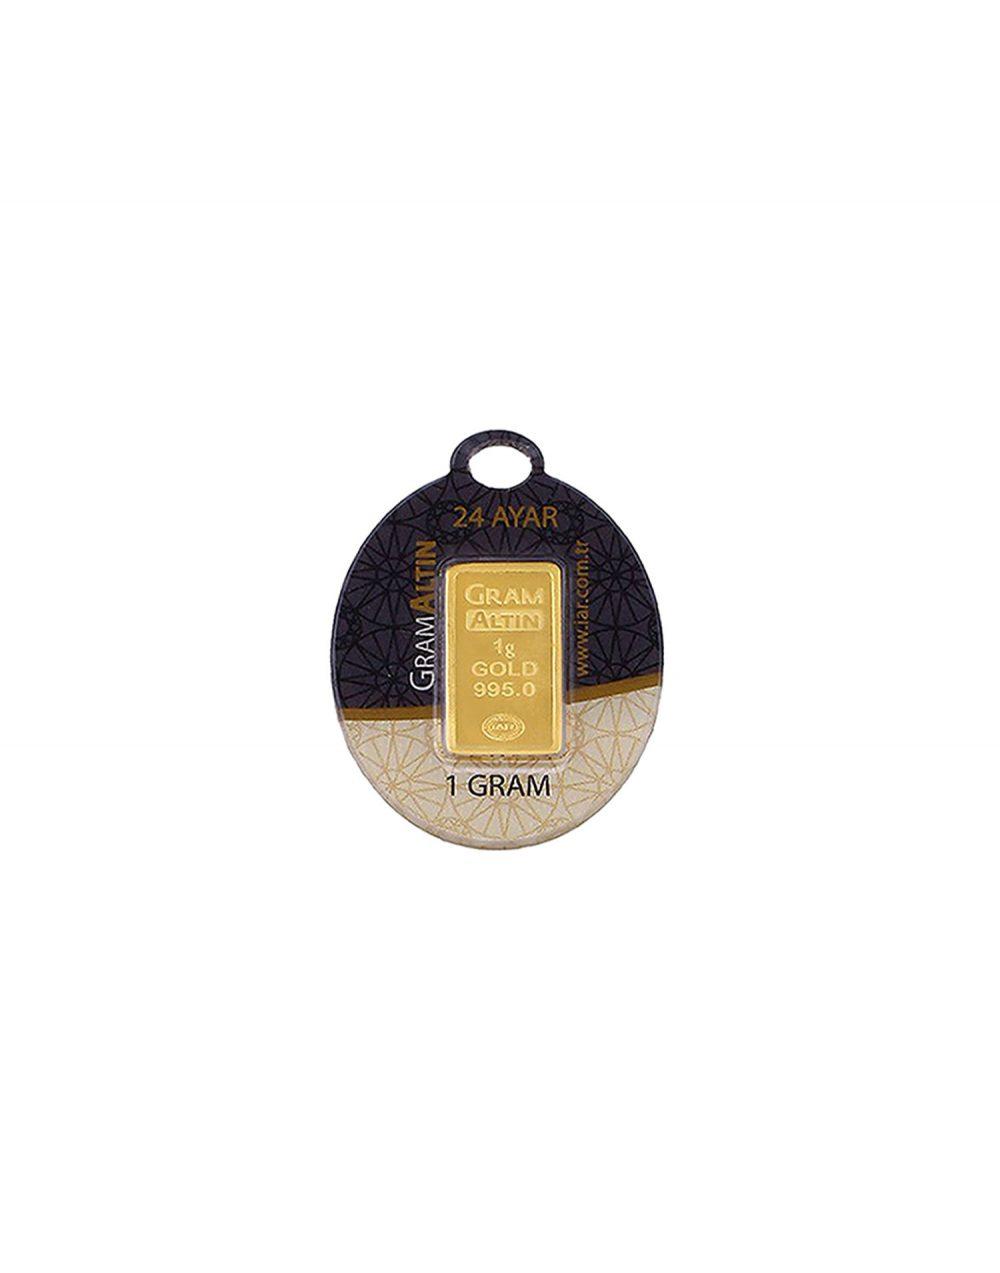 24 ayar gram altın